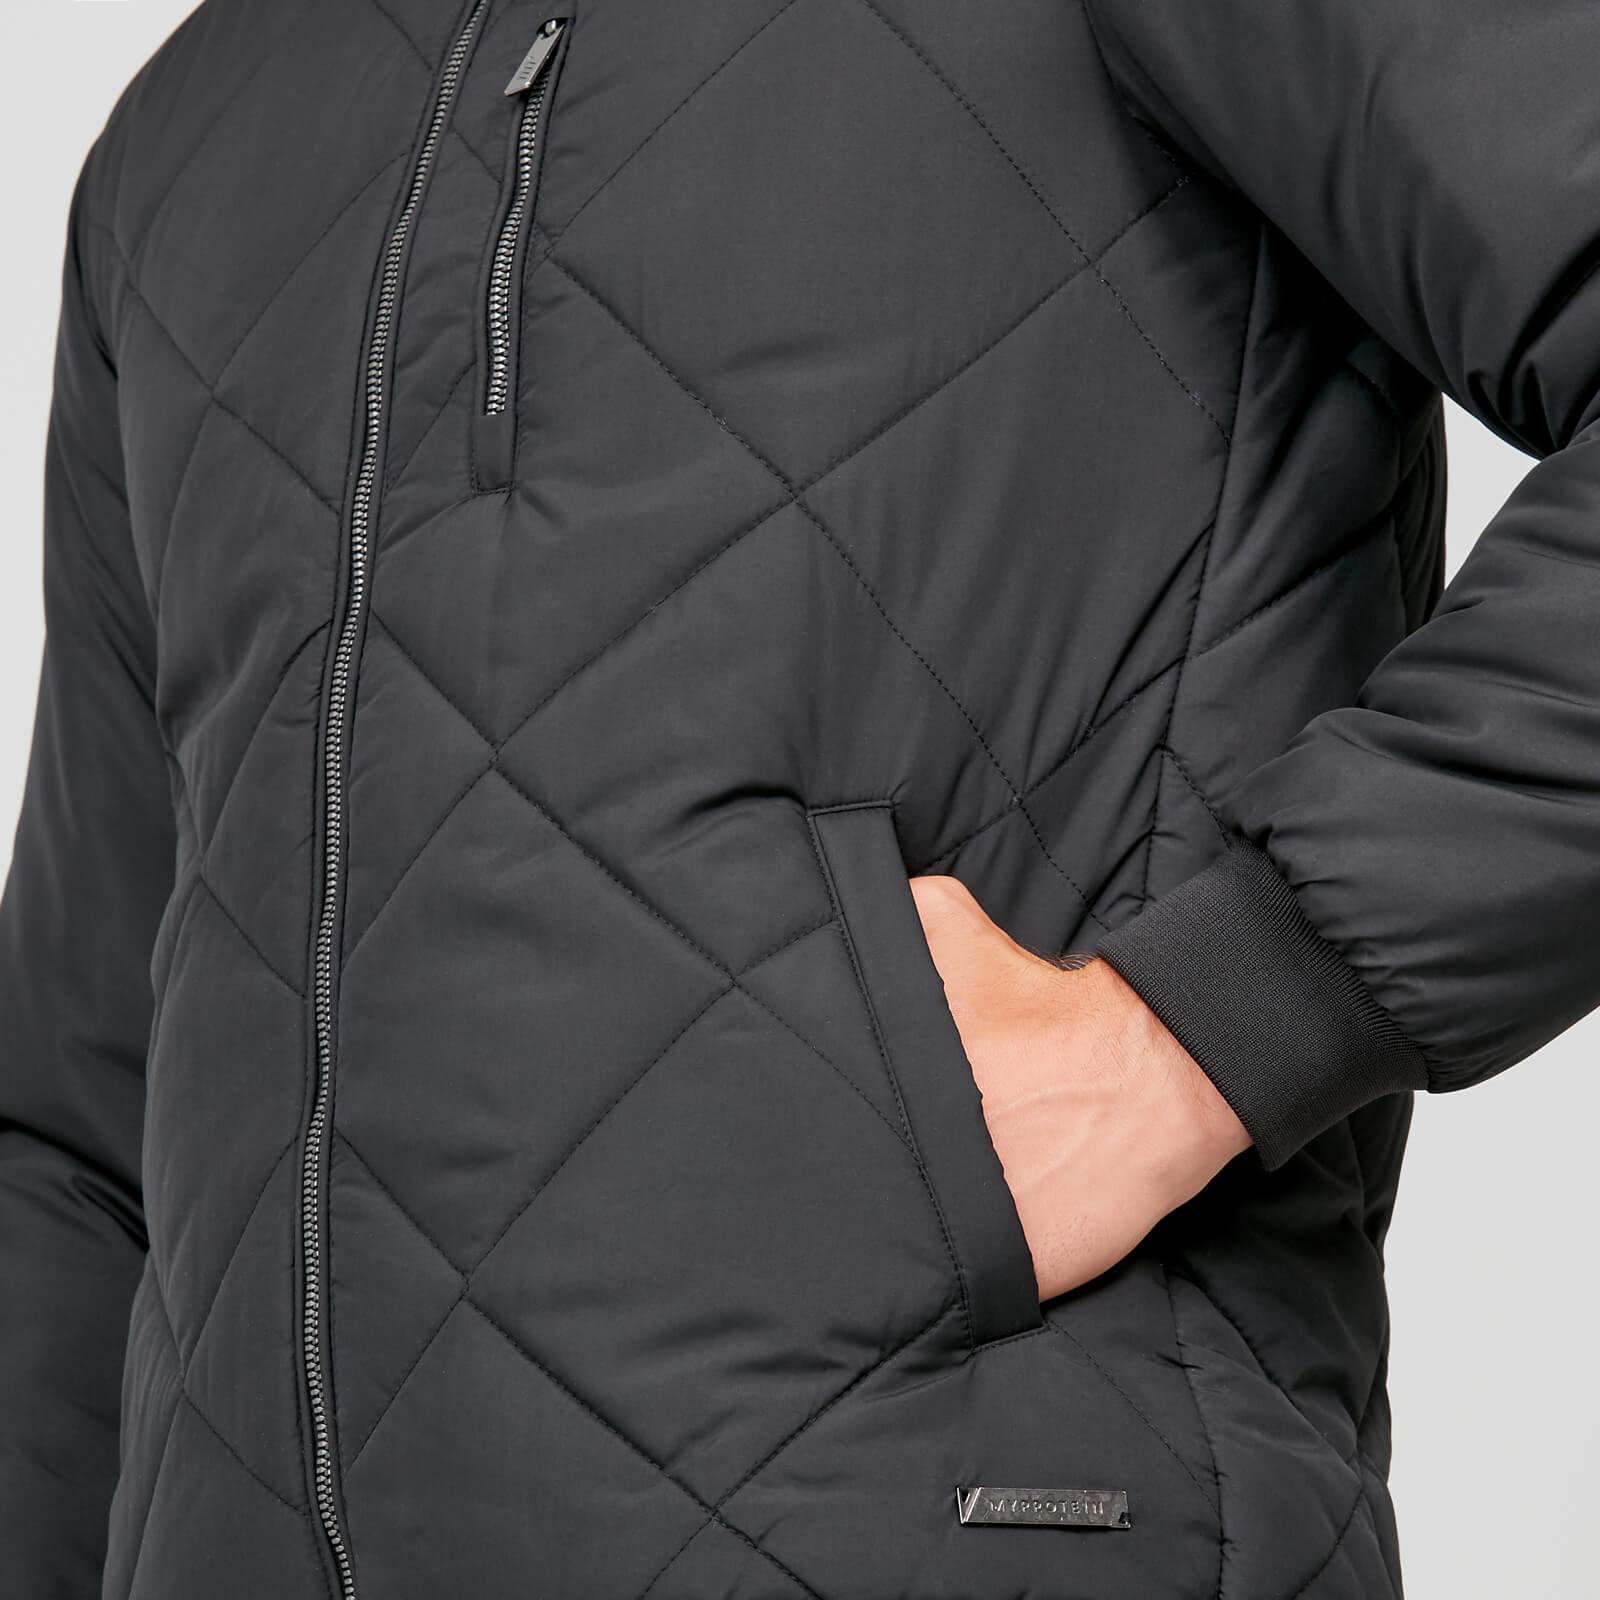 Veste Blouson Matelassé - Pro-Tech Quilted Bomber - Jacket Homme Noir